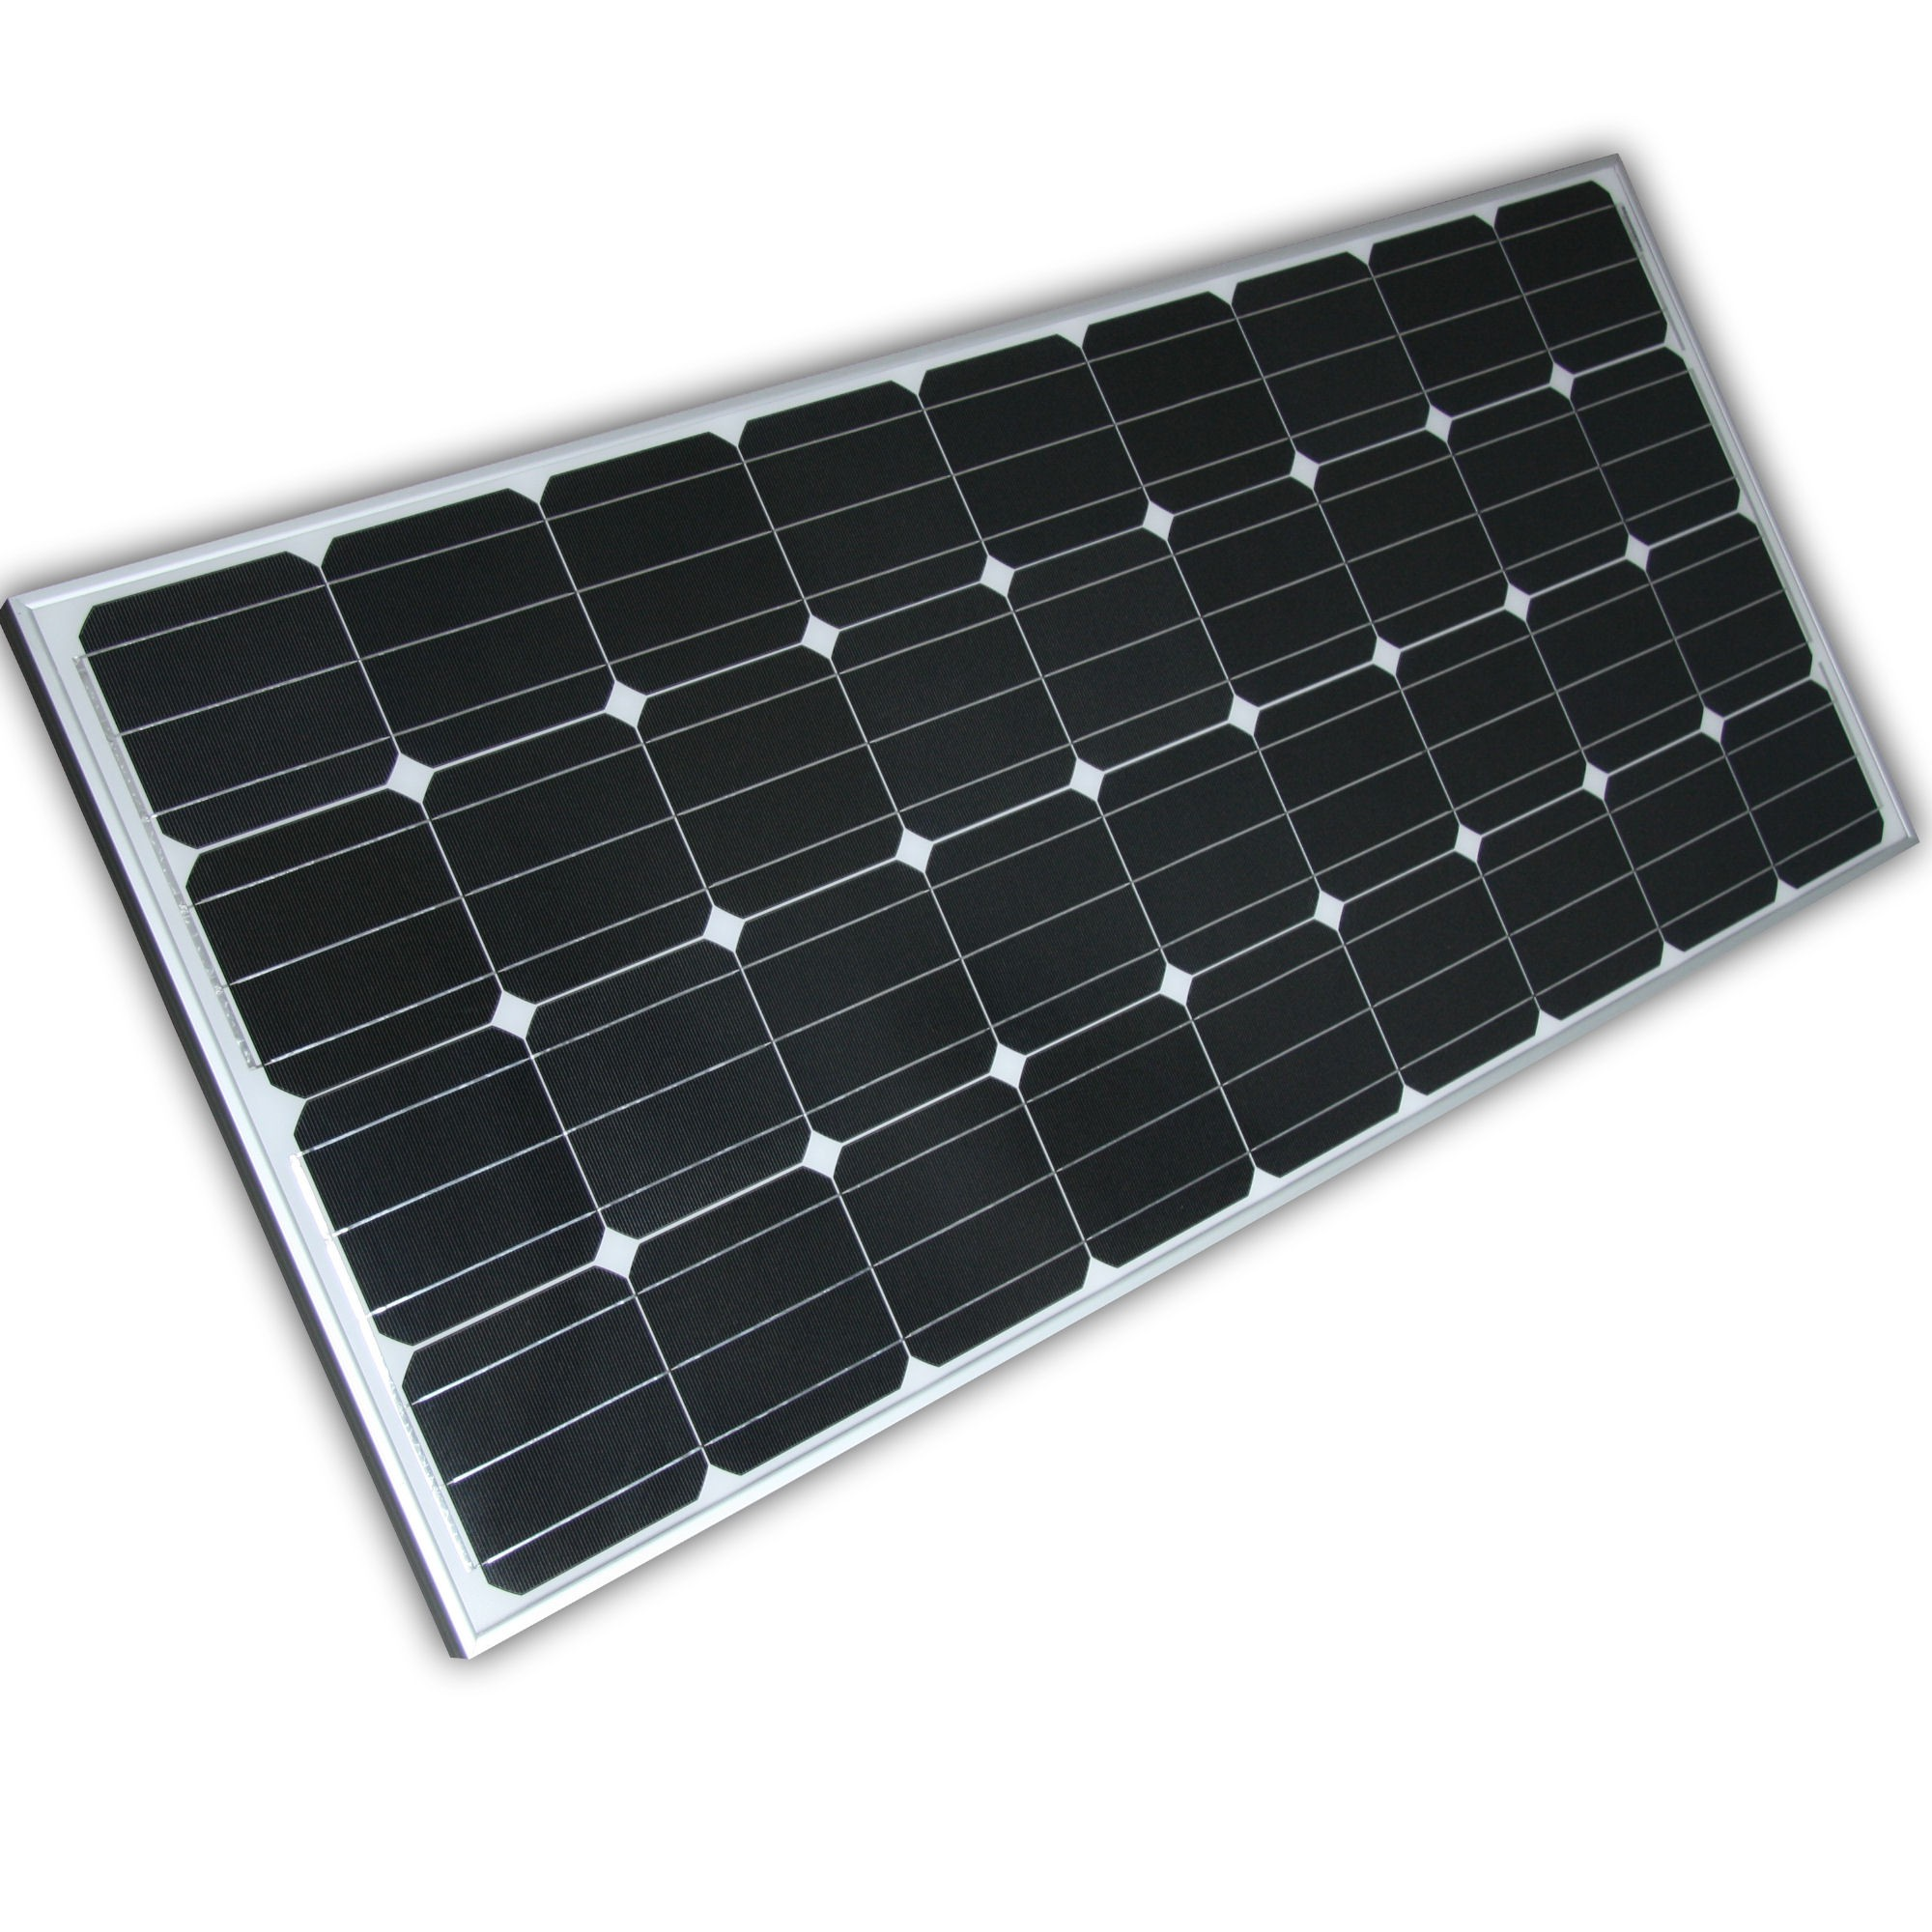 Solarpanel monokristallin